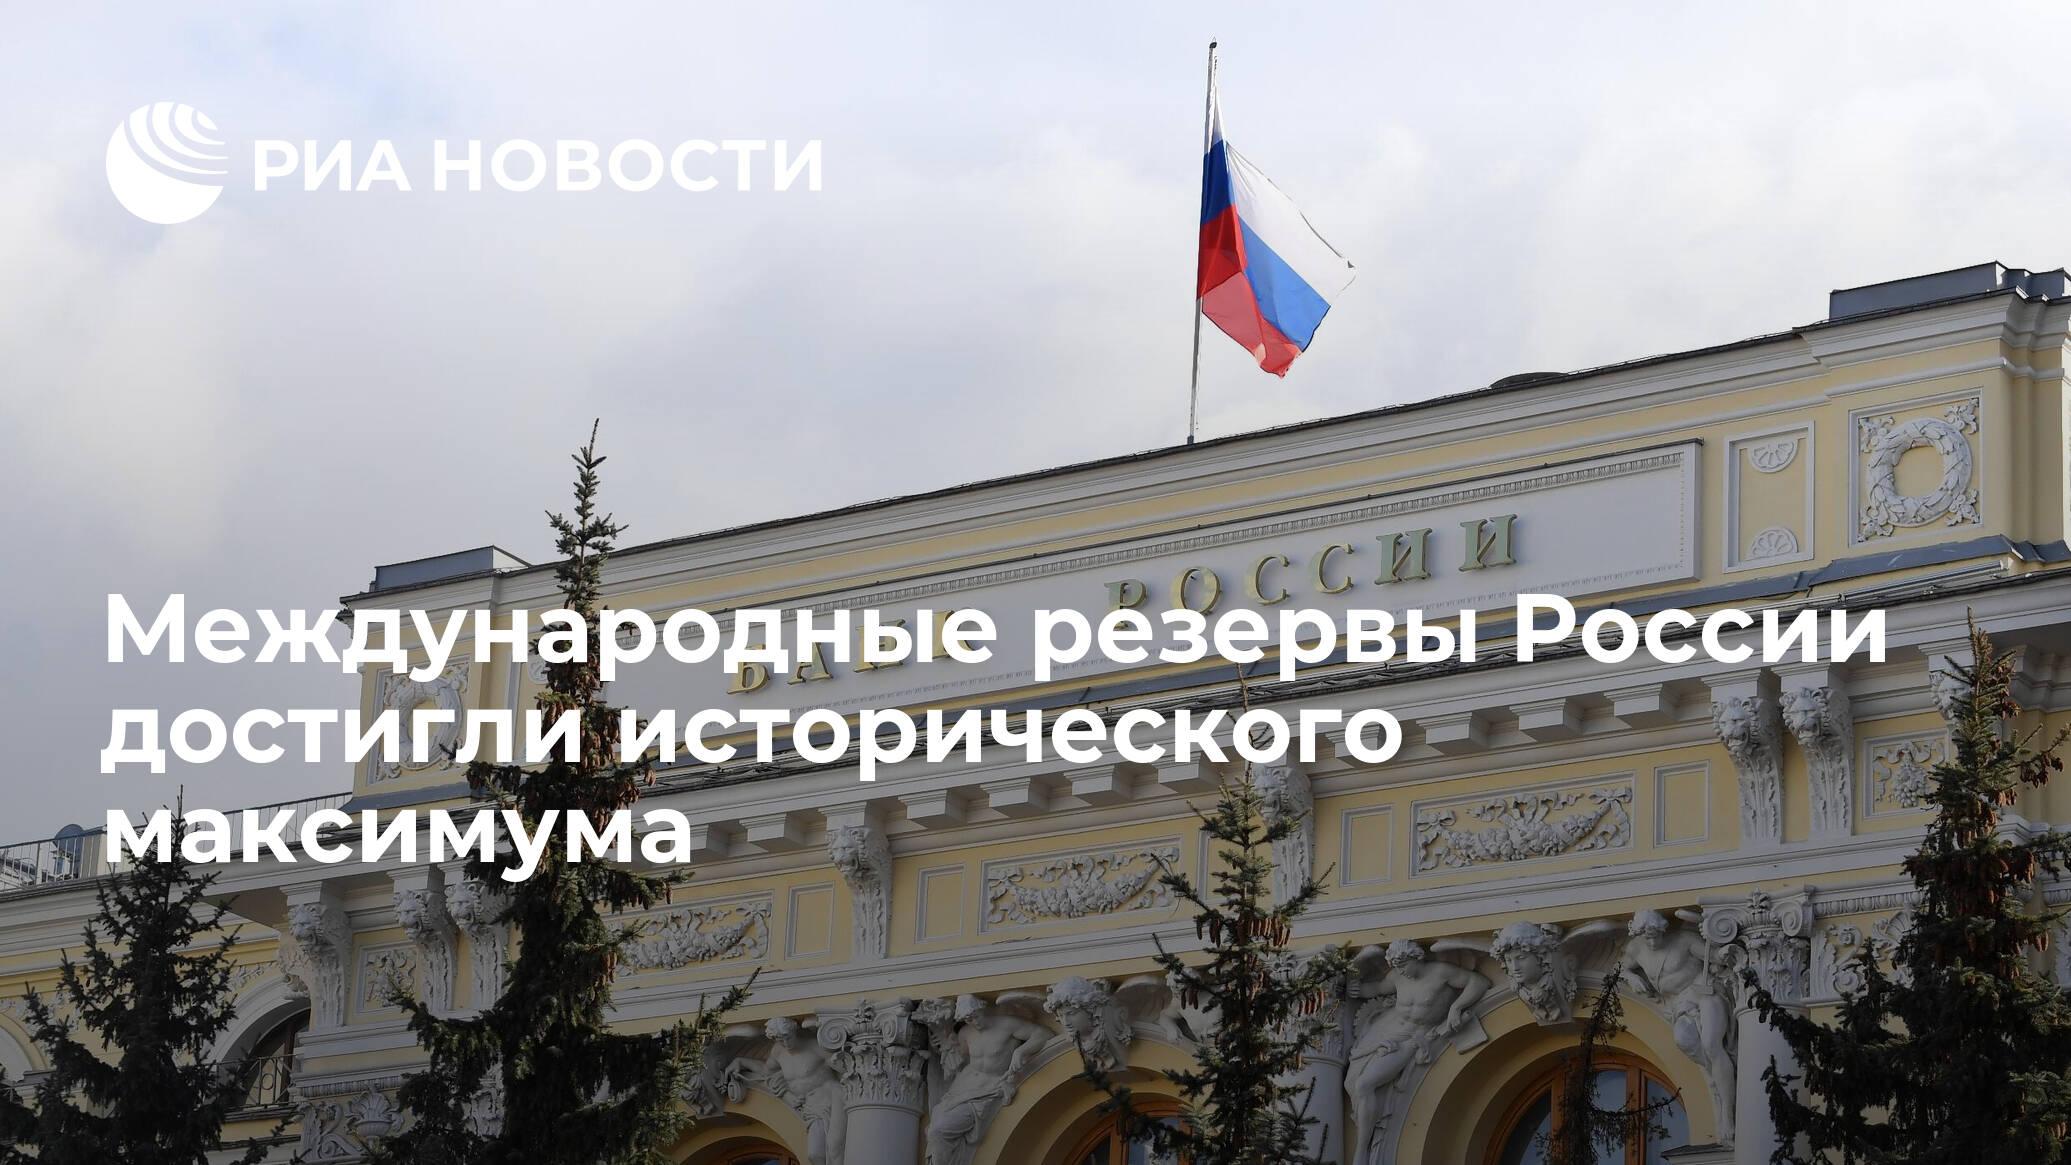 Международные резервы России достигли исторического максимума